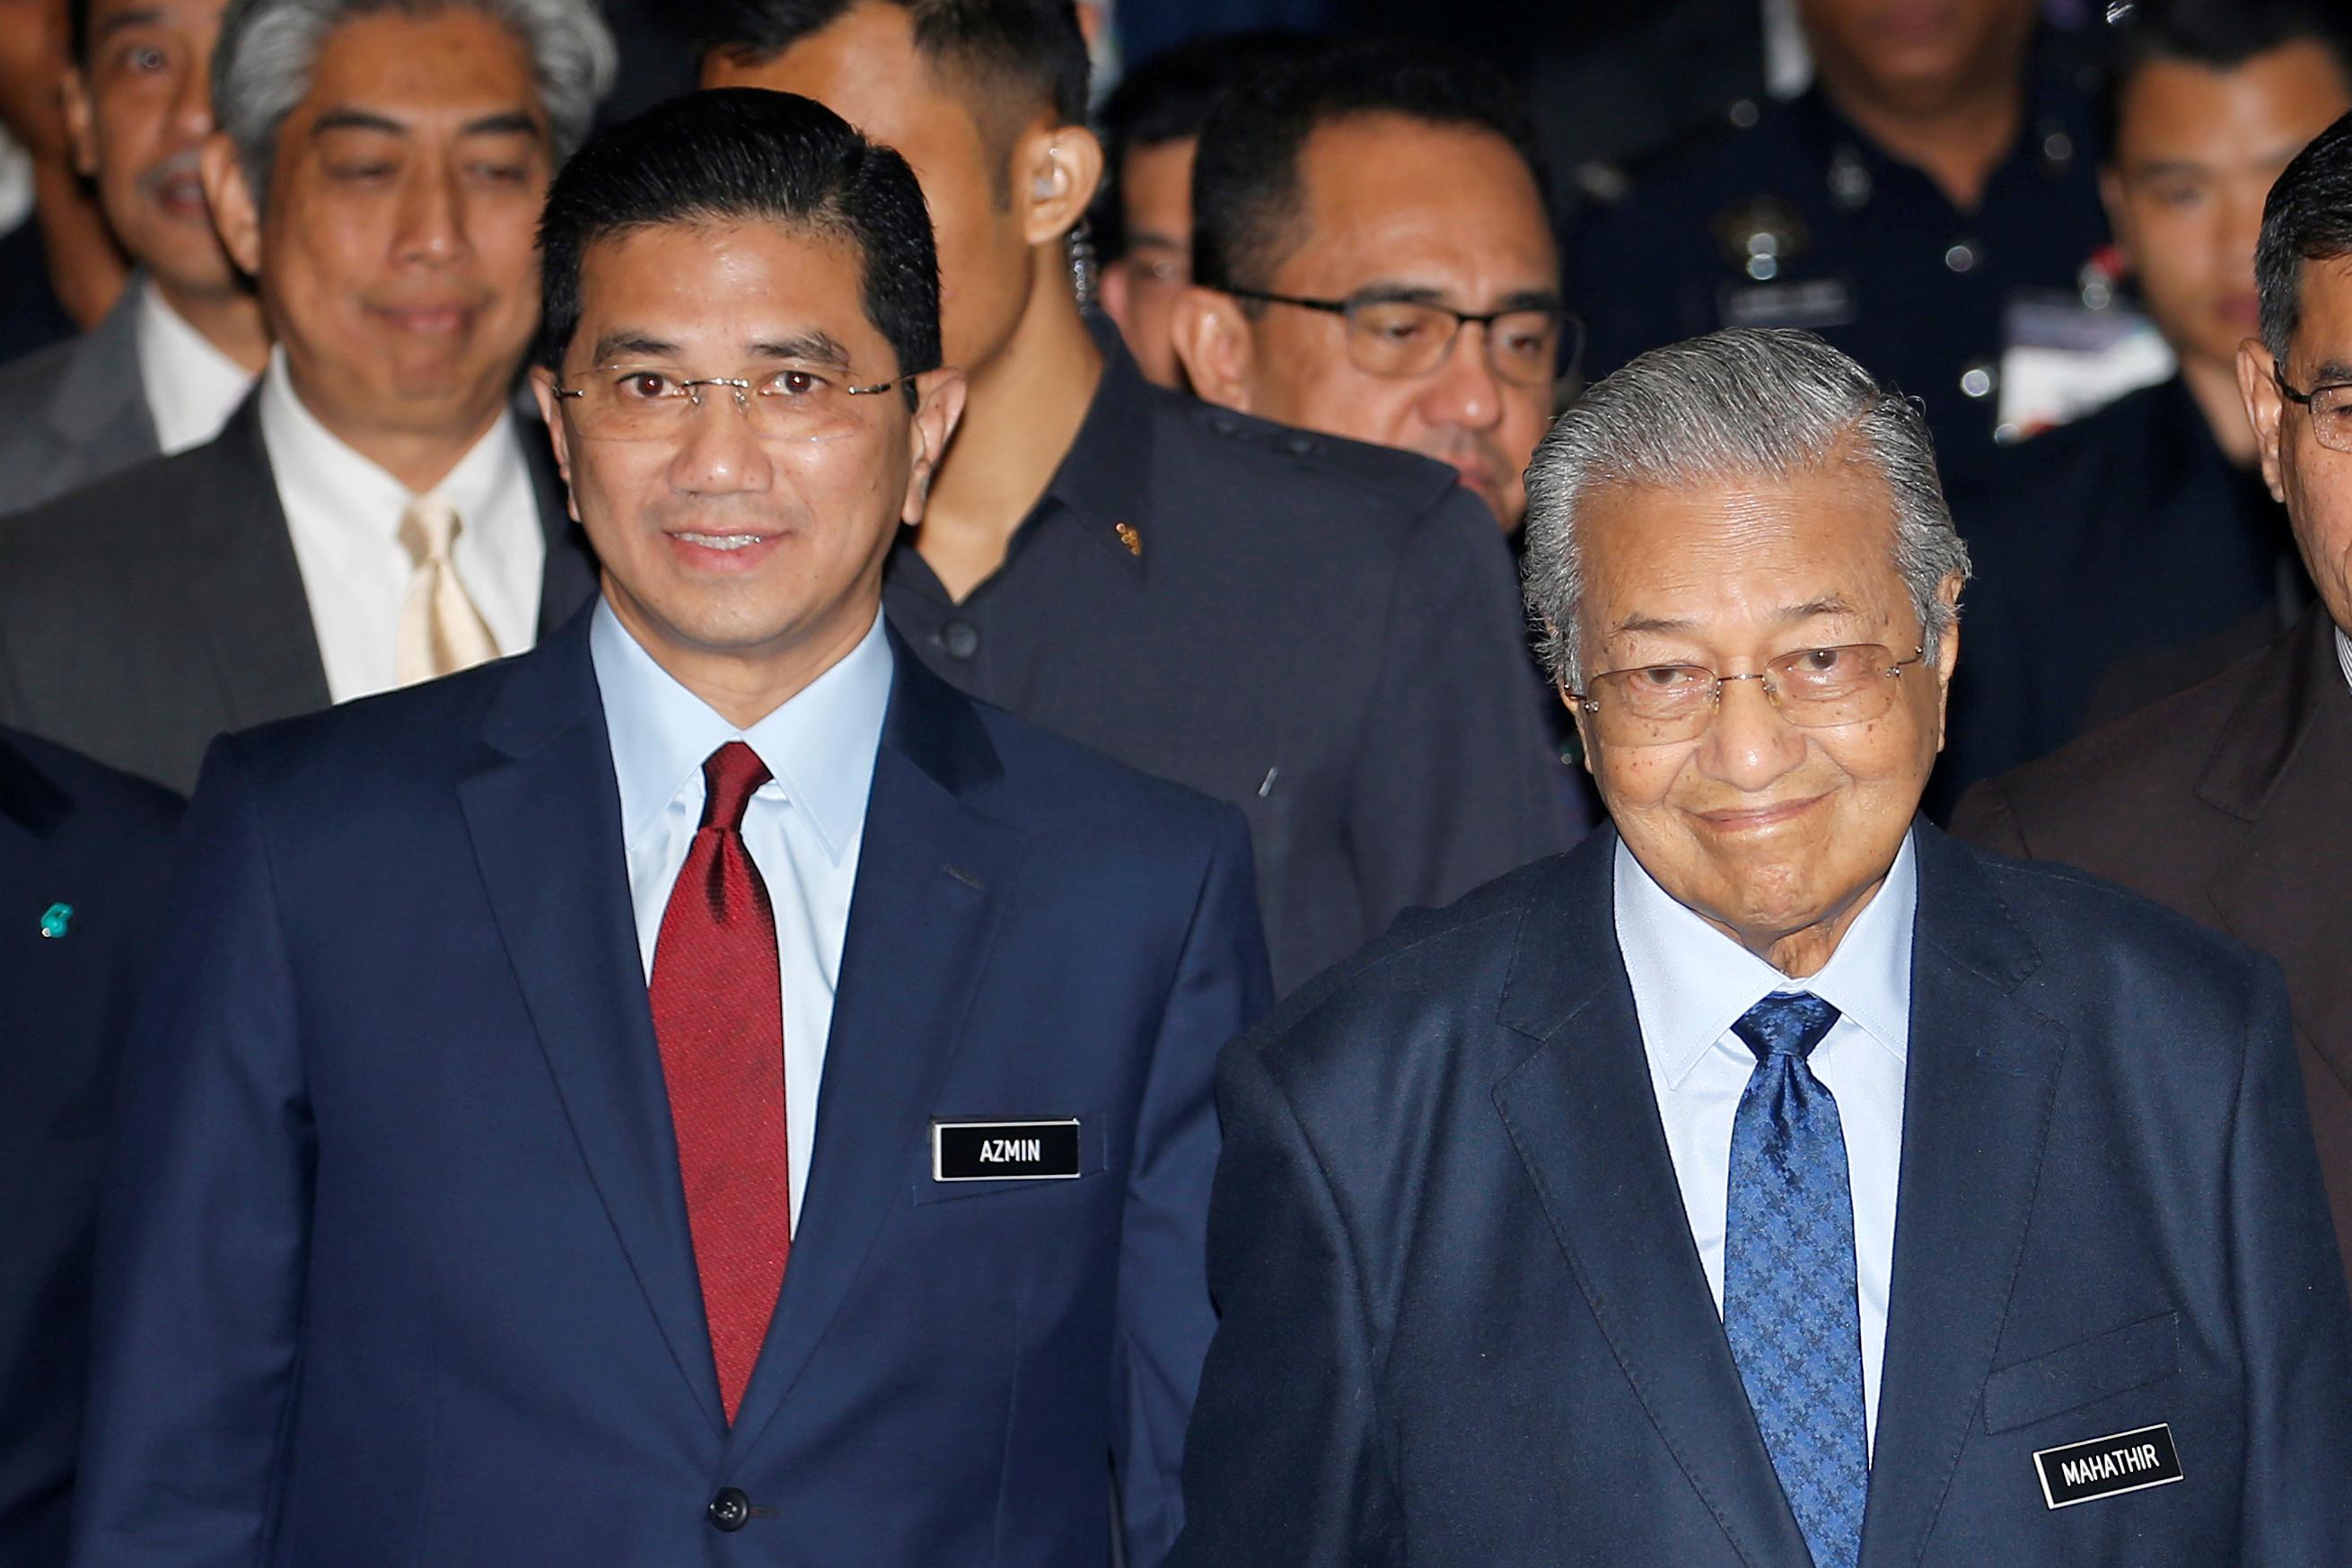 20190711 Mahathir and Azmin .jpg